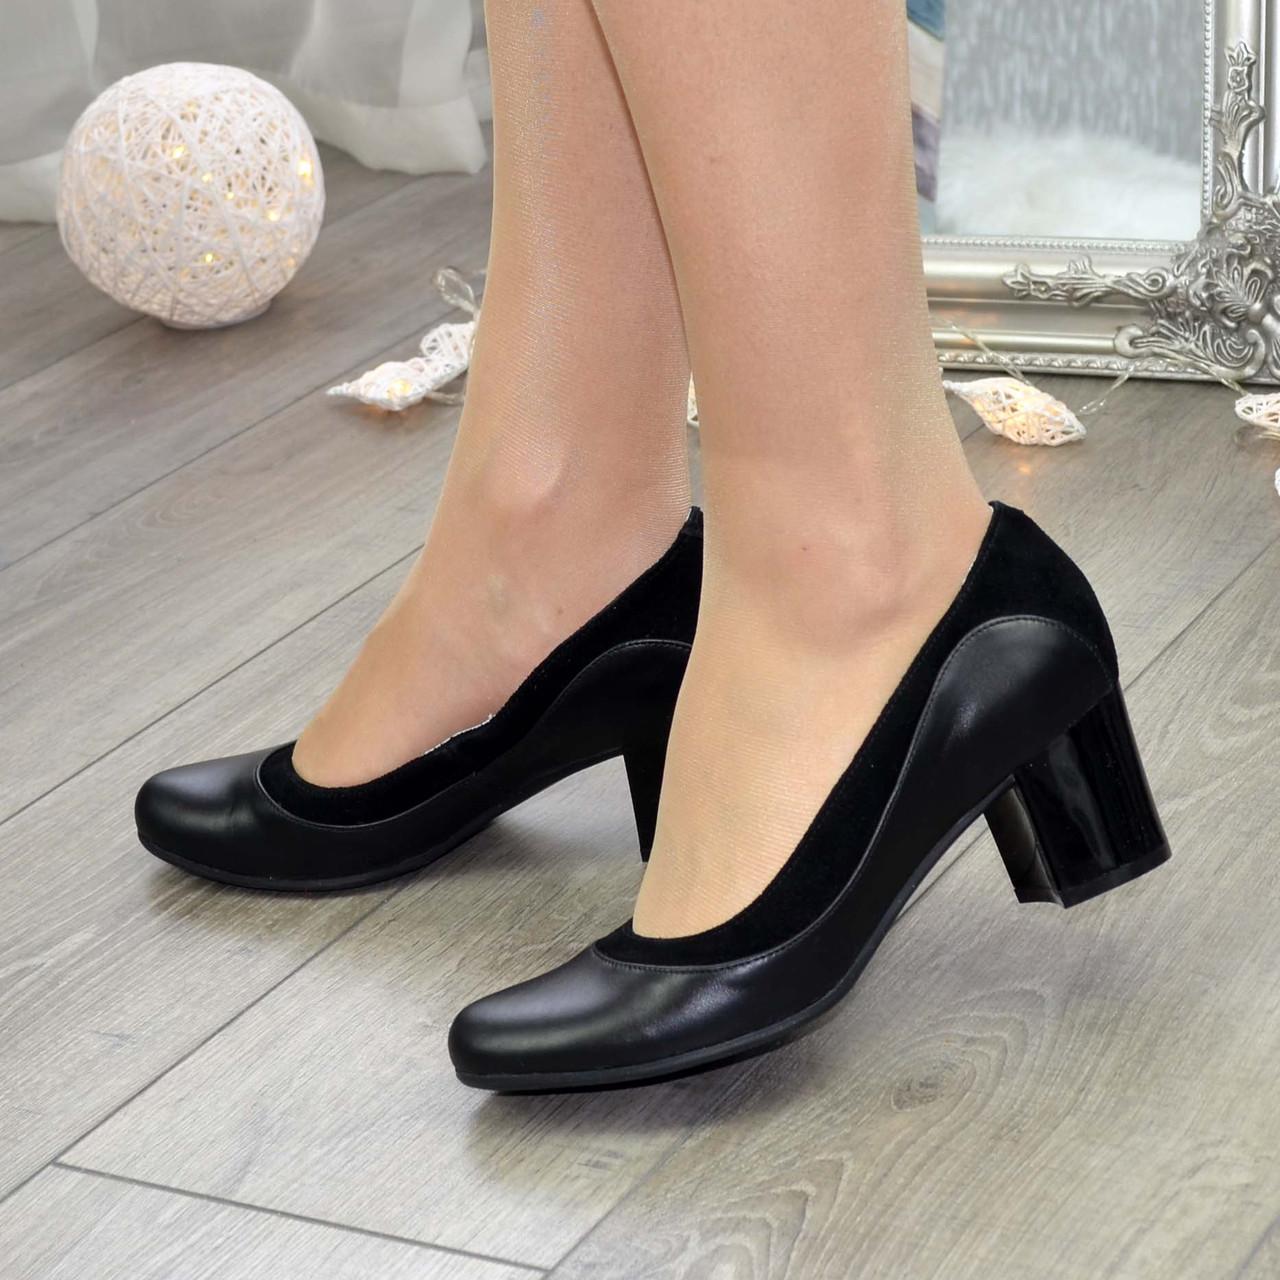 Женские классические туфли на невысоком устойчивом каблуке, натуральные кожа и замша